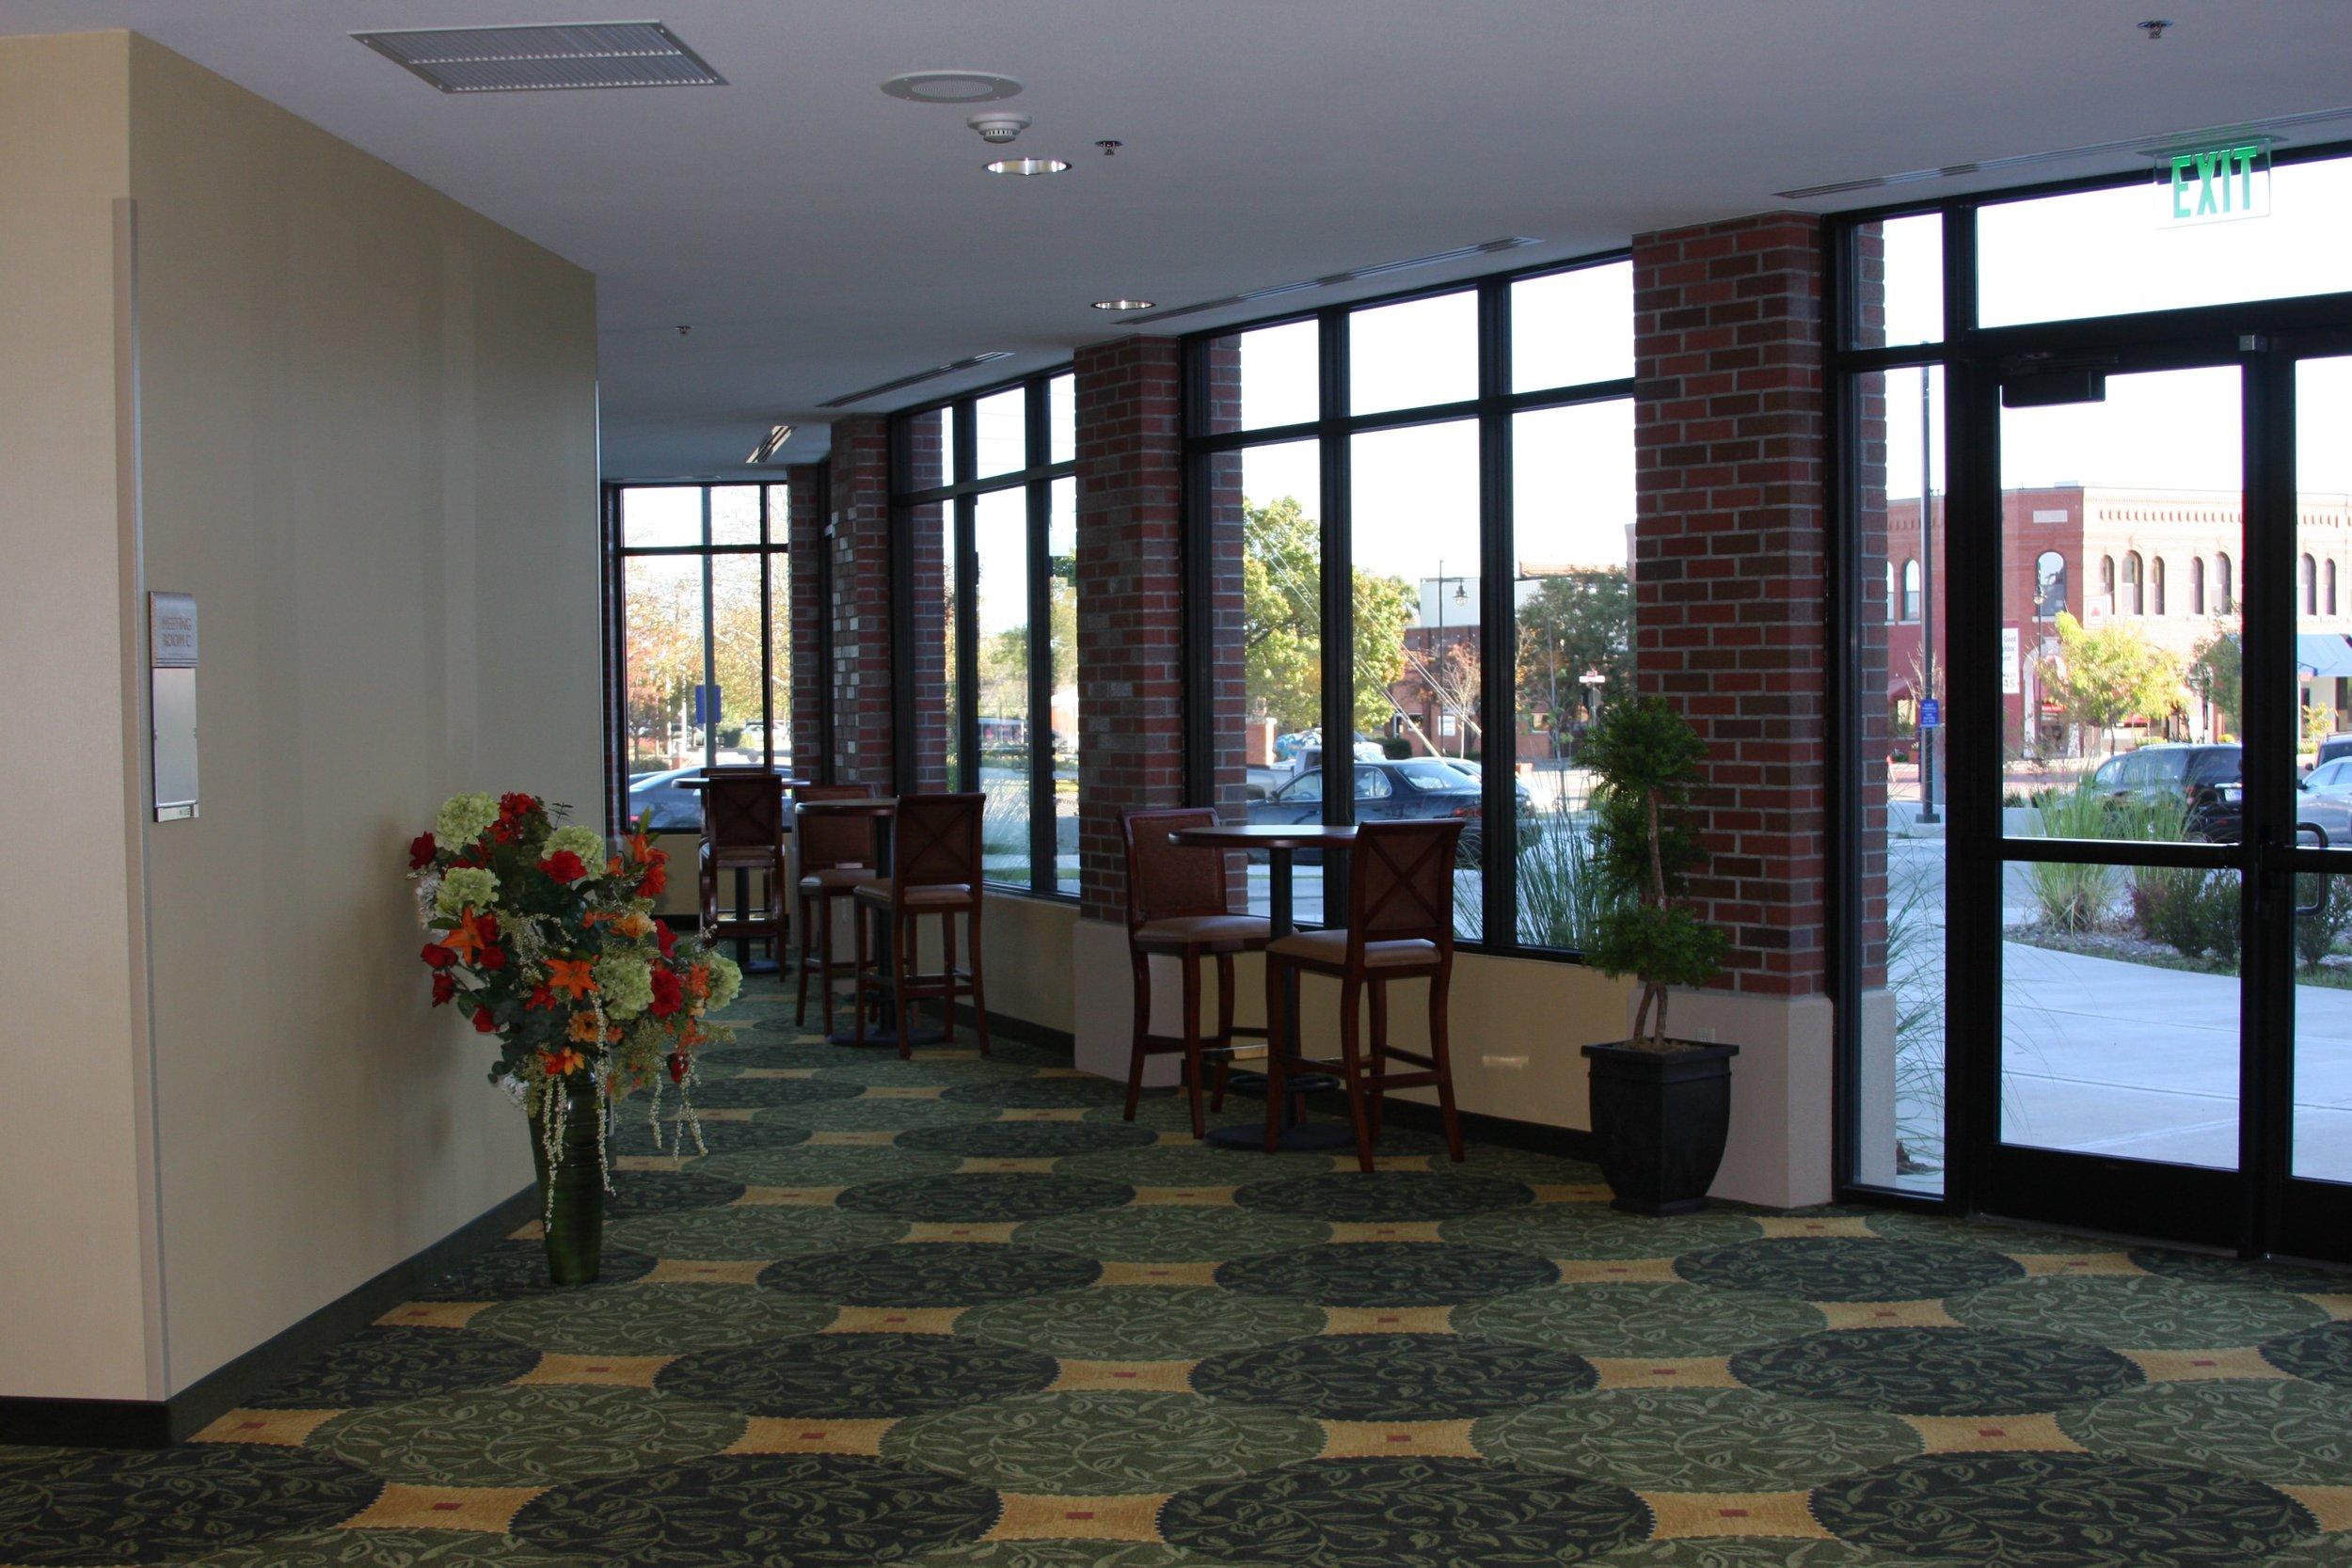 AA - HiltonGardenInnBartlesville -  (13)-min.JPG